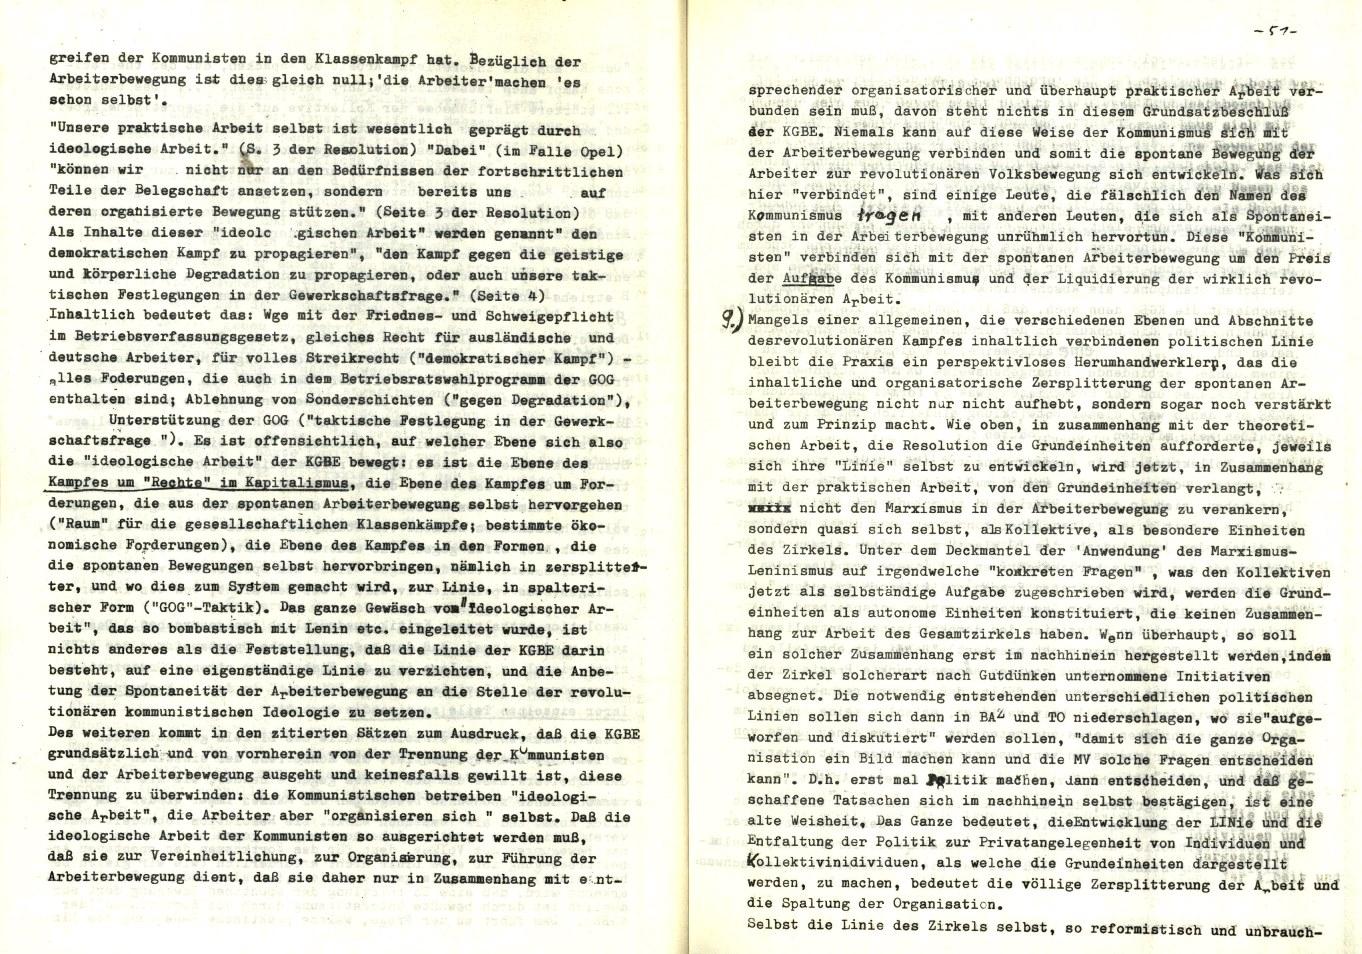 KGBE_Ehemalige_1977_Kritik_an_der_KGBE_29